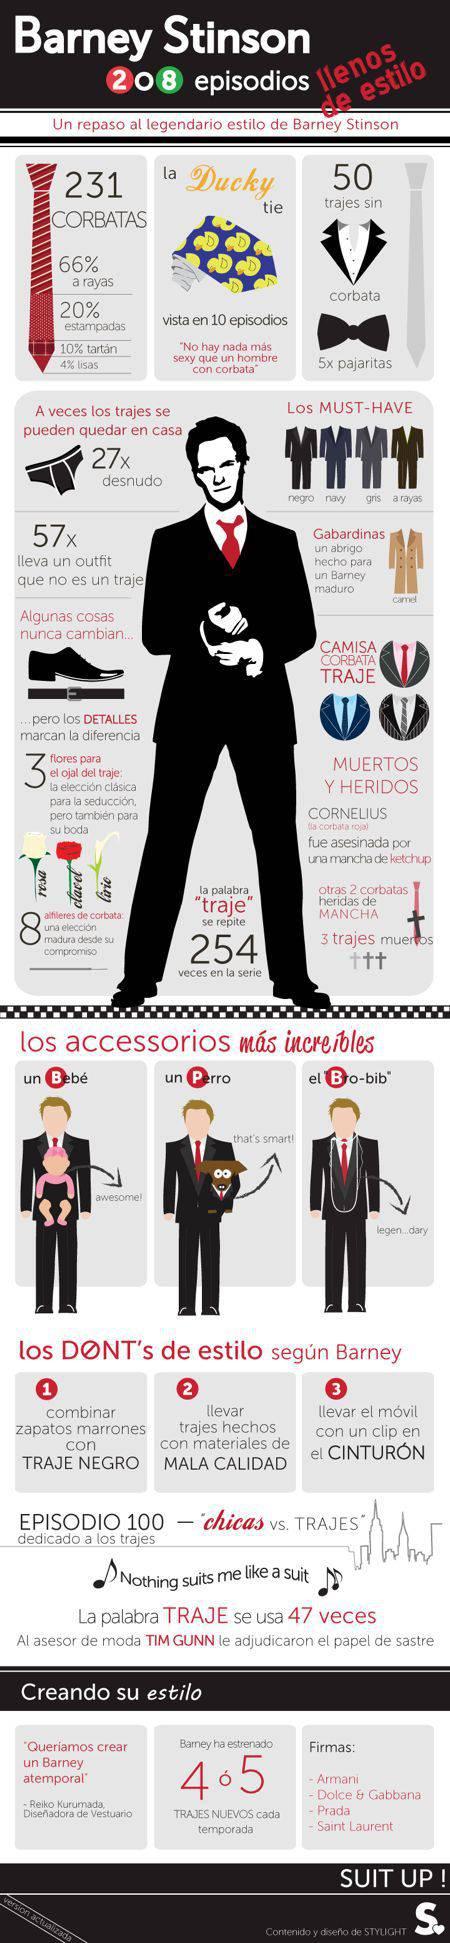 Barney Stinson Infografia Como Conocí a Vuestra Madre | Blog Microbio Comunicación